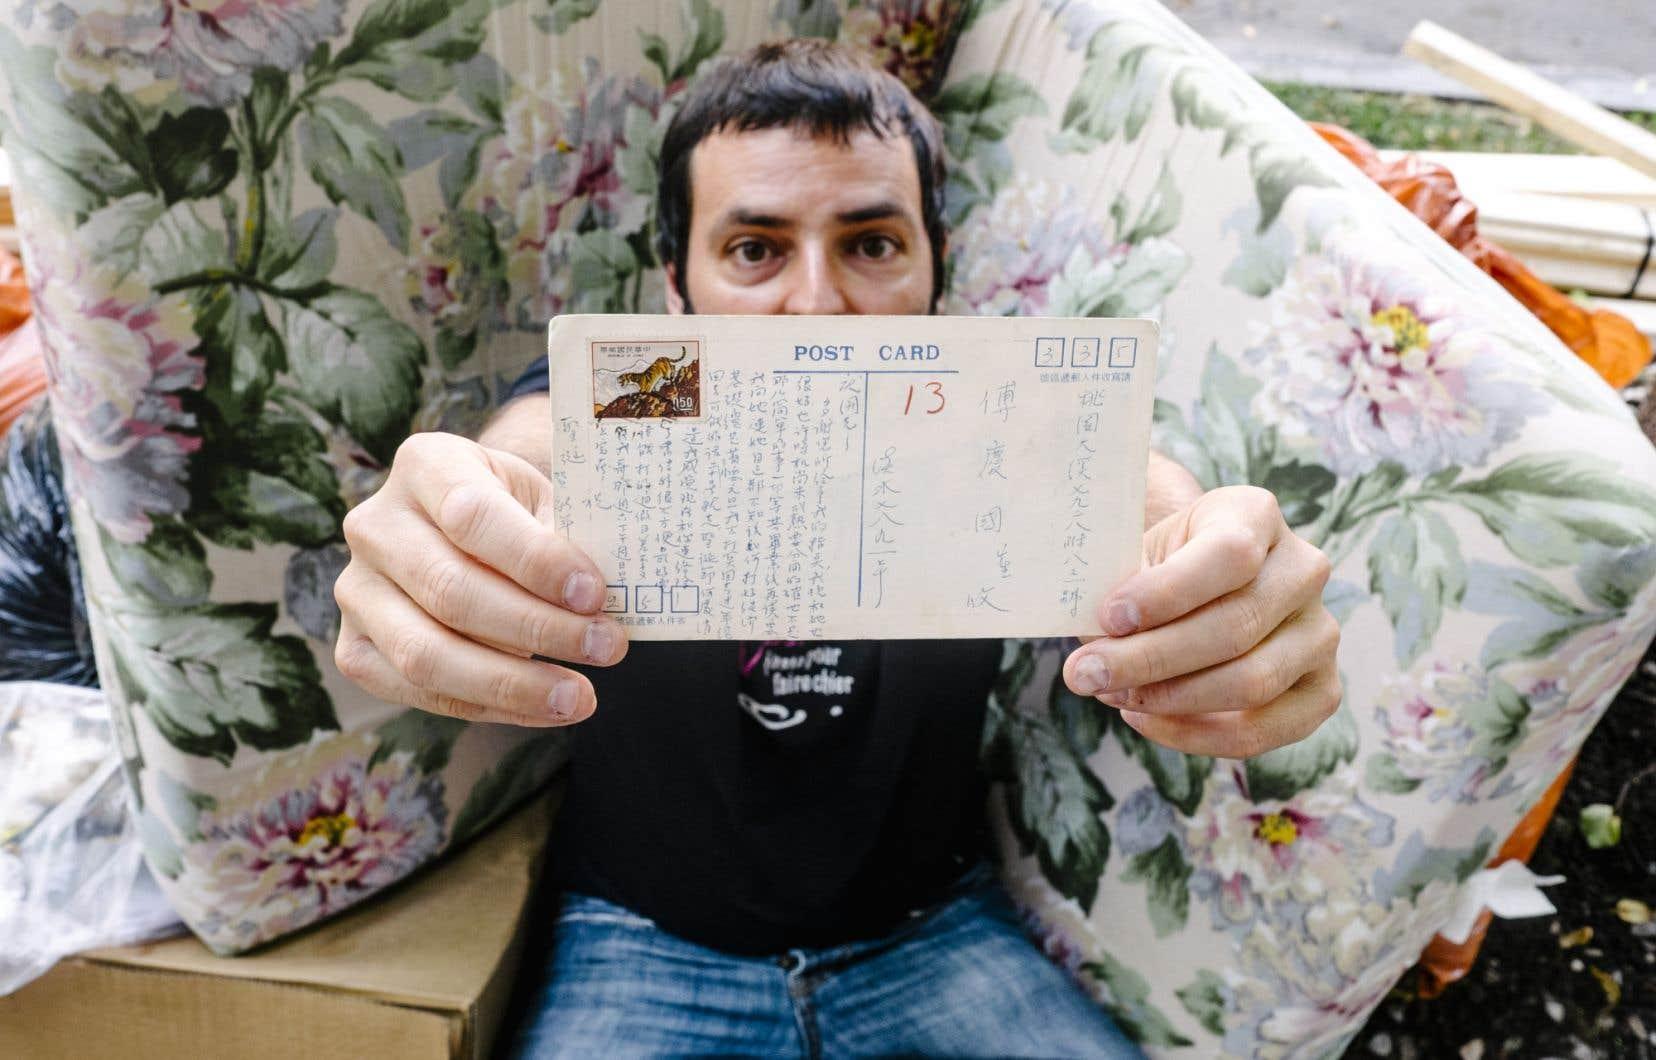 L'auteur François derrière la carte postale qui l'a inspiré.